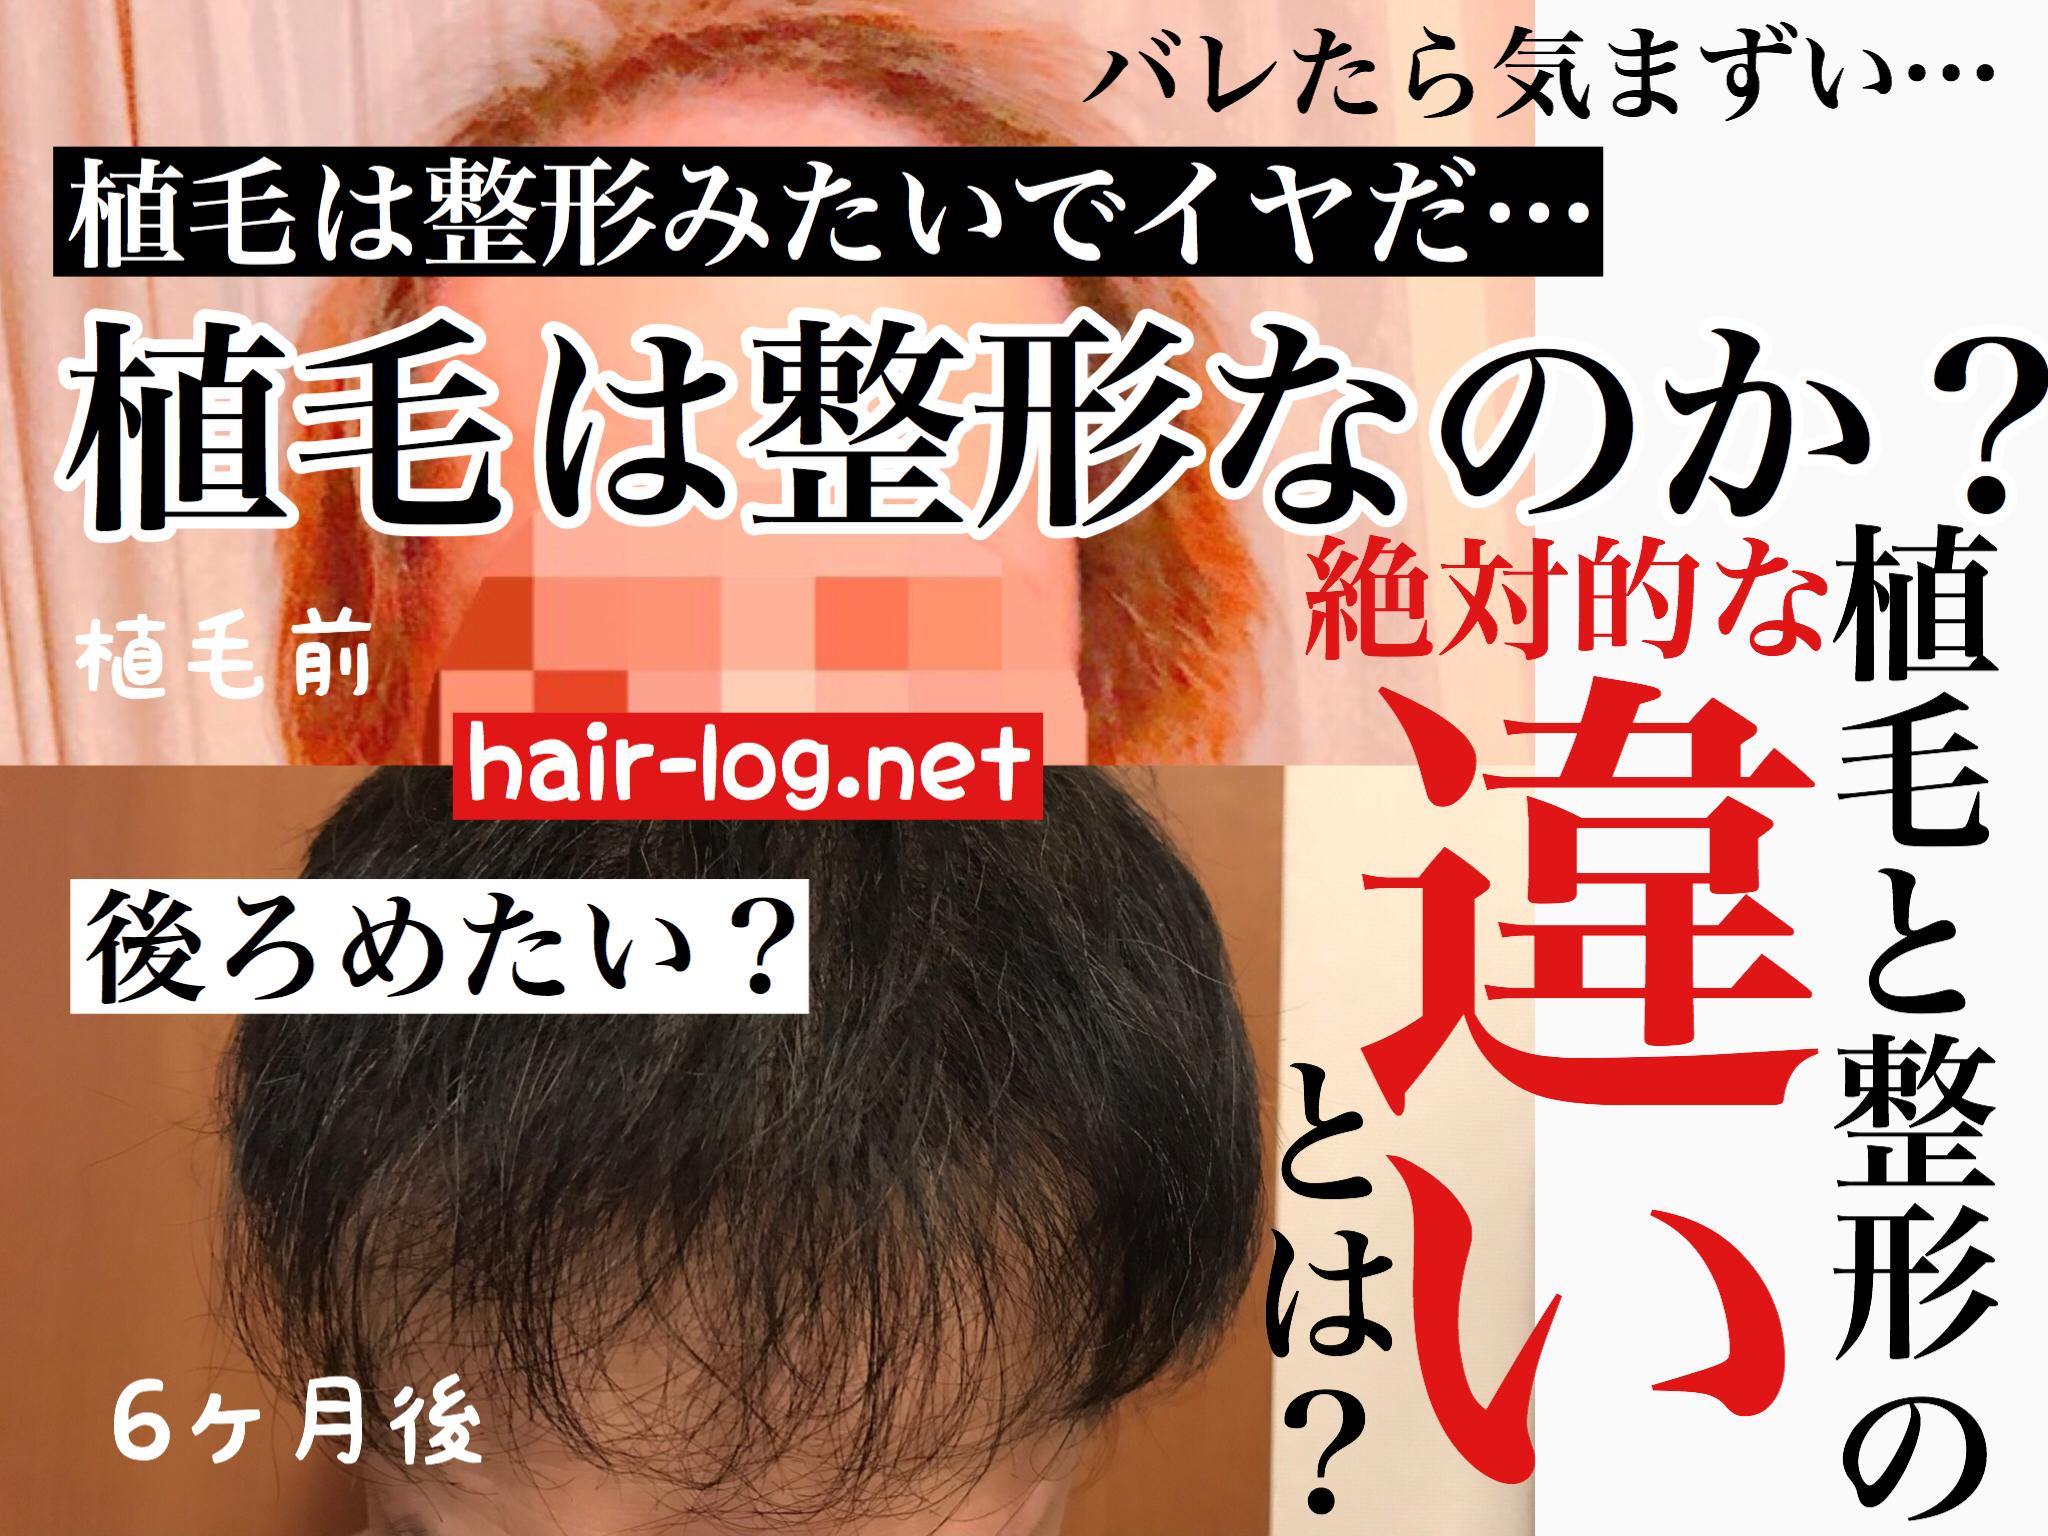 【植毛コラム】植毛は整形みたいでイヤだと思っている人へ捧ぐ。整形と植毛の違い。